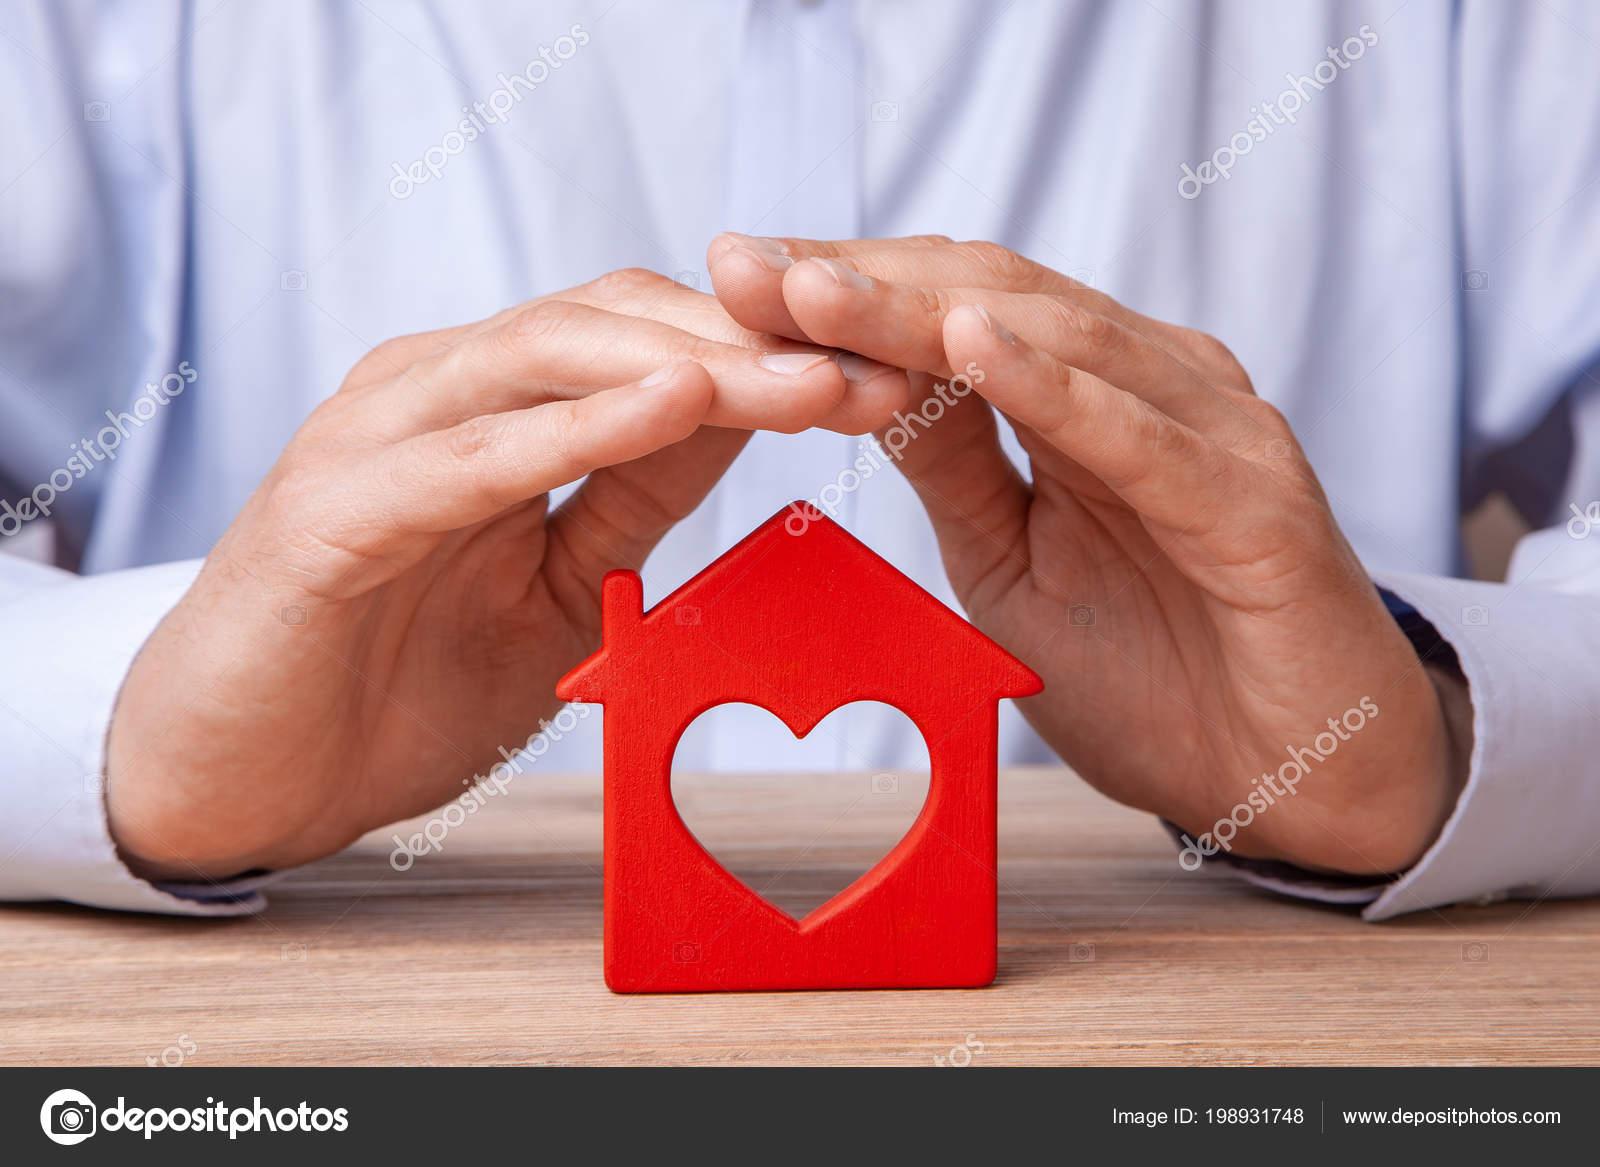 8e578697bba25 Do seguro de casa conceito, proteção contra roubo ou destruição. Homem com  as mãos